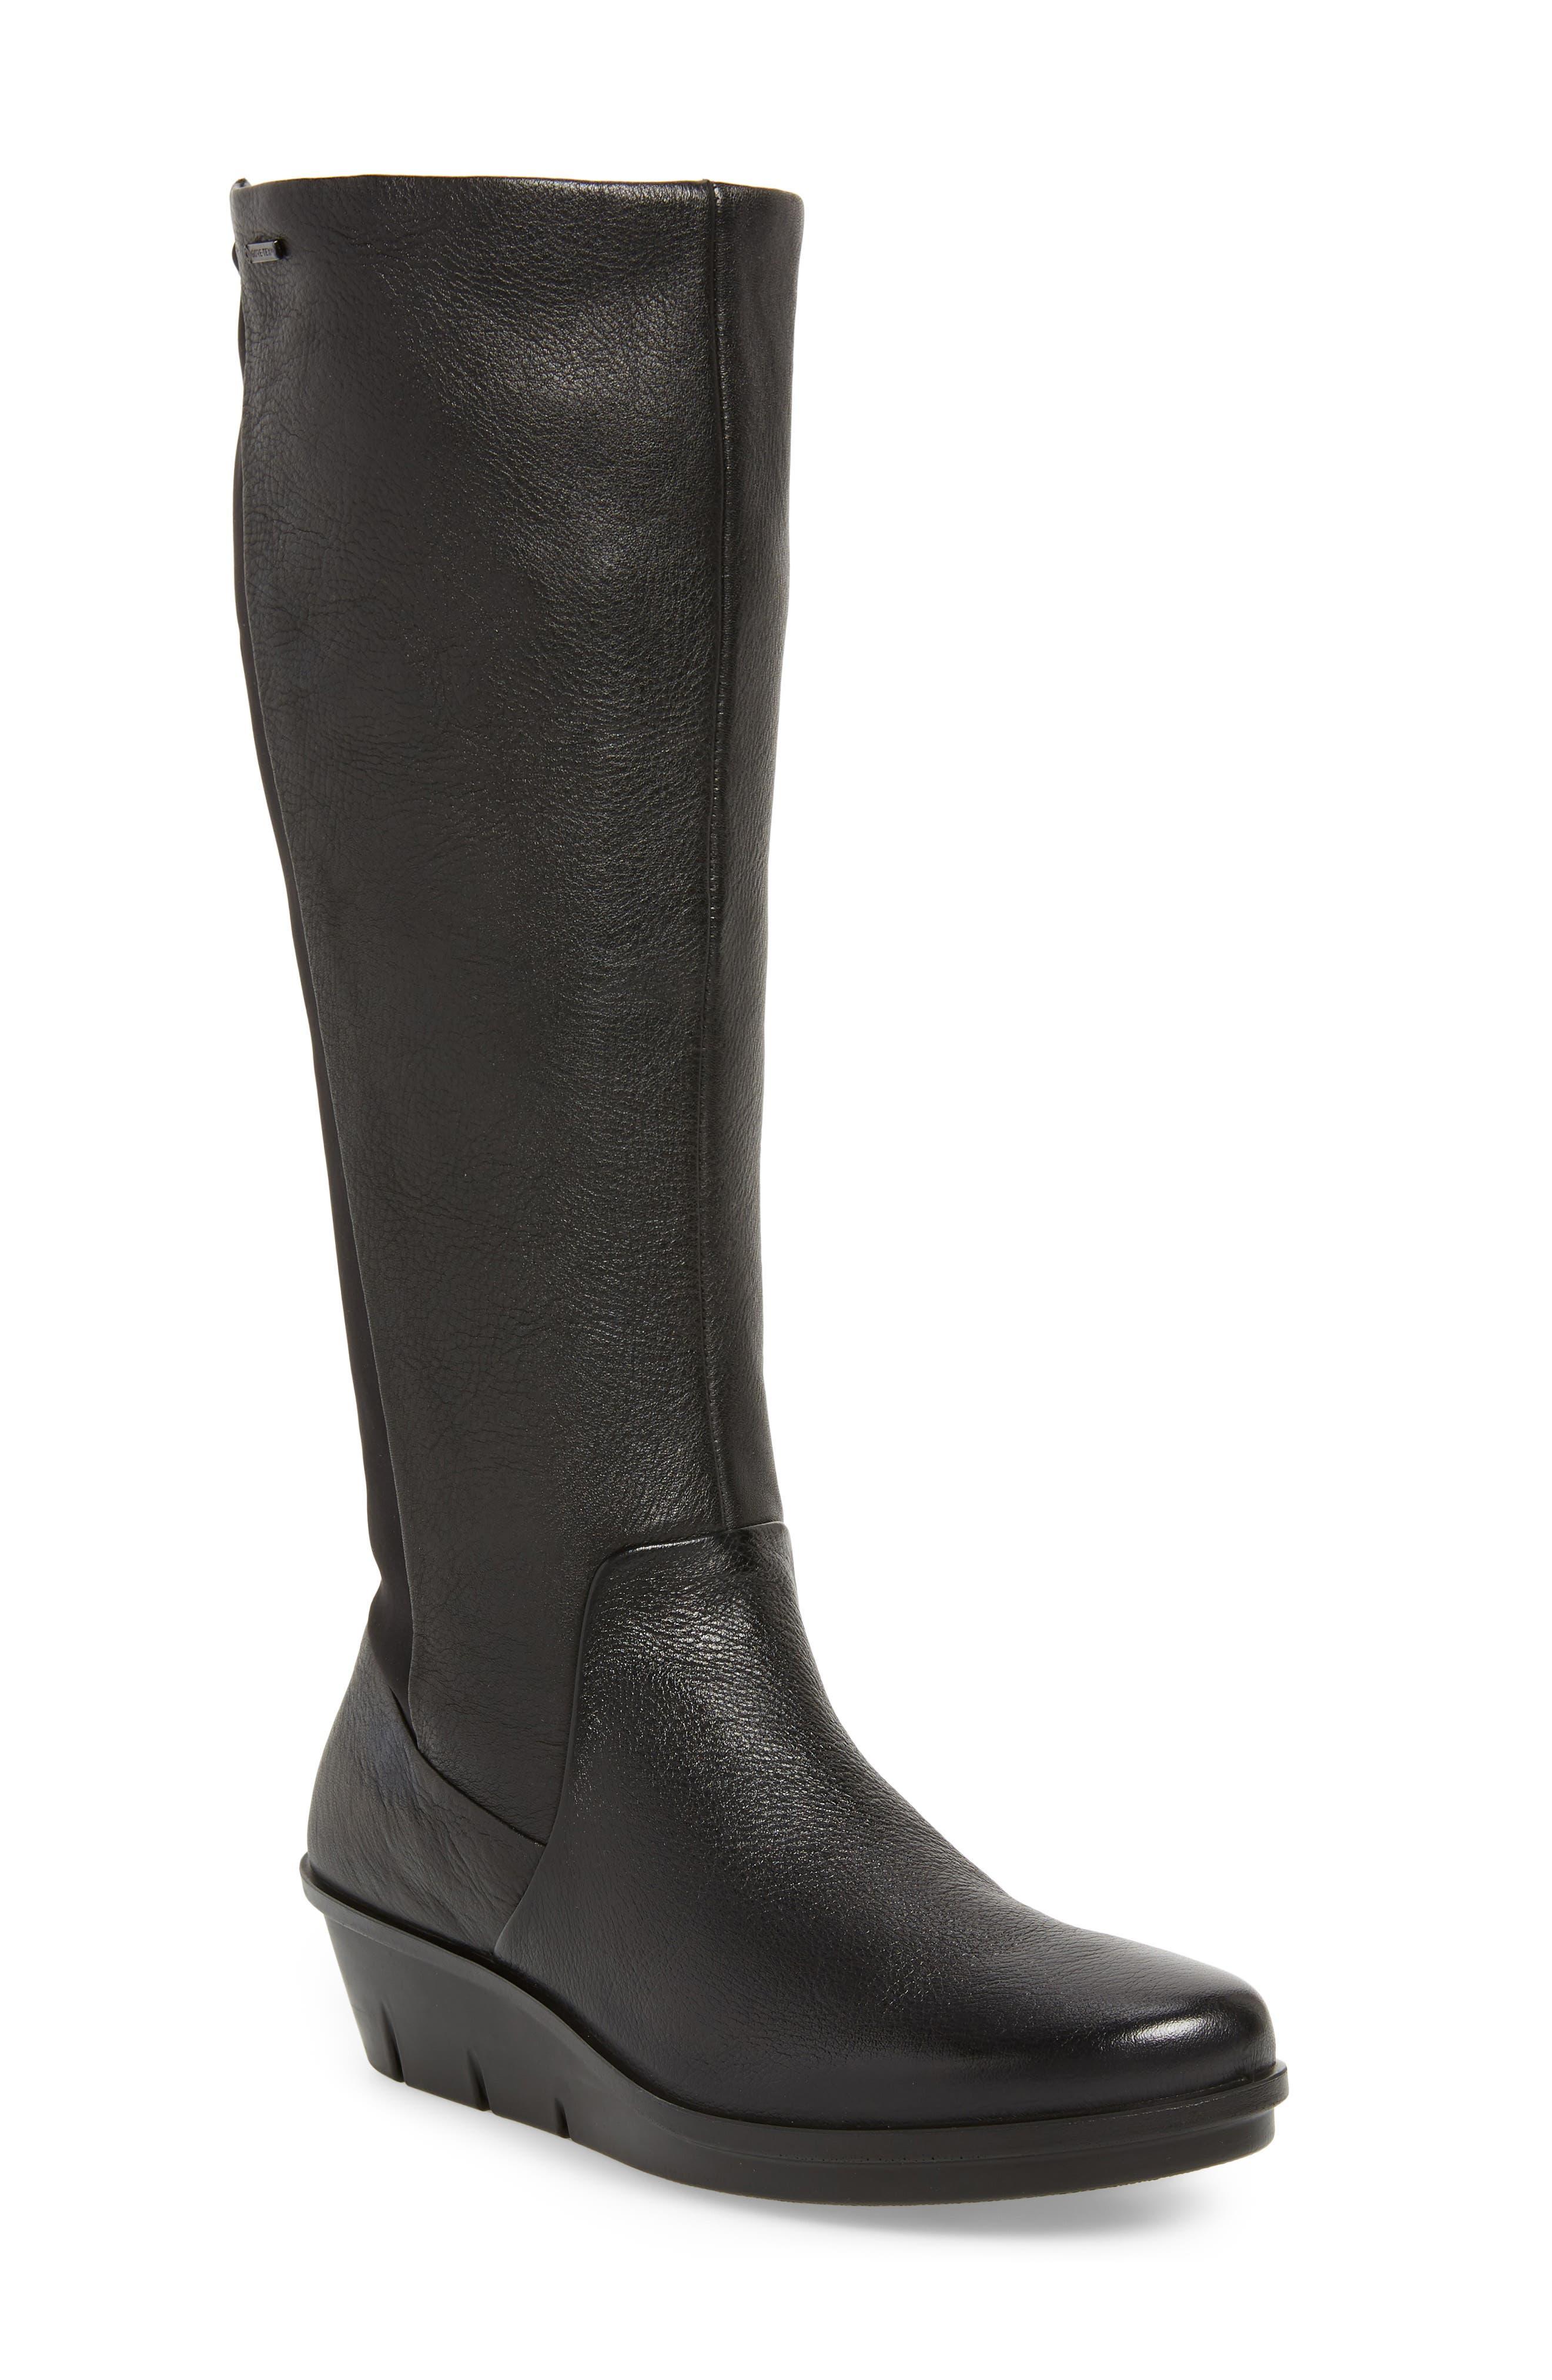 Ecco Skyler Gore-Tex Knee High Waterproof Boot, Black